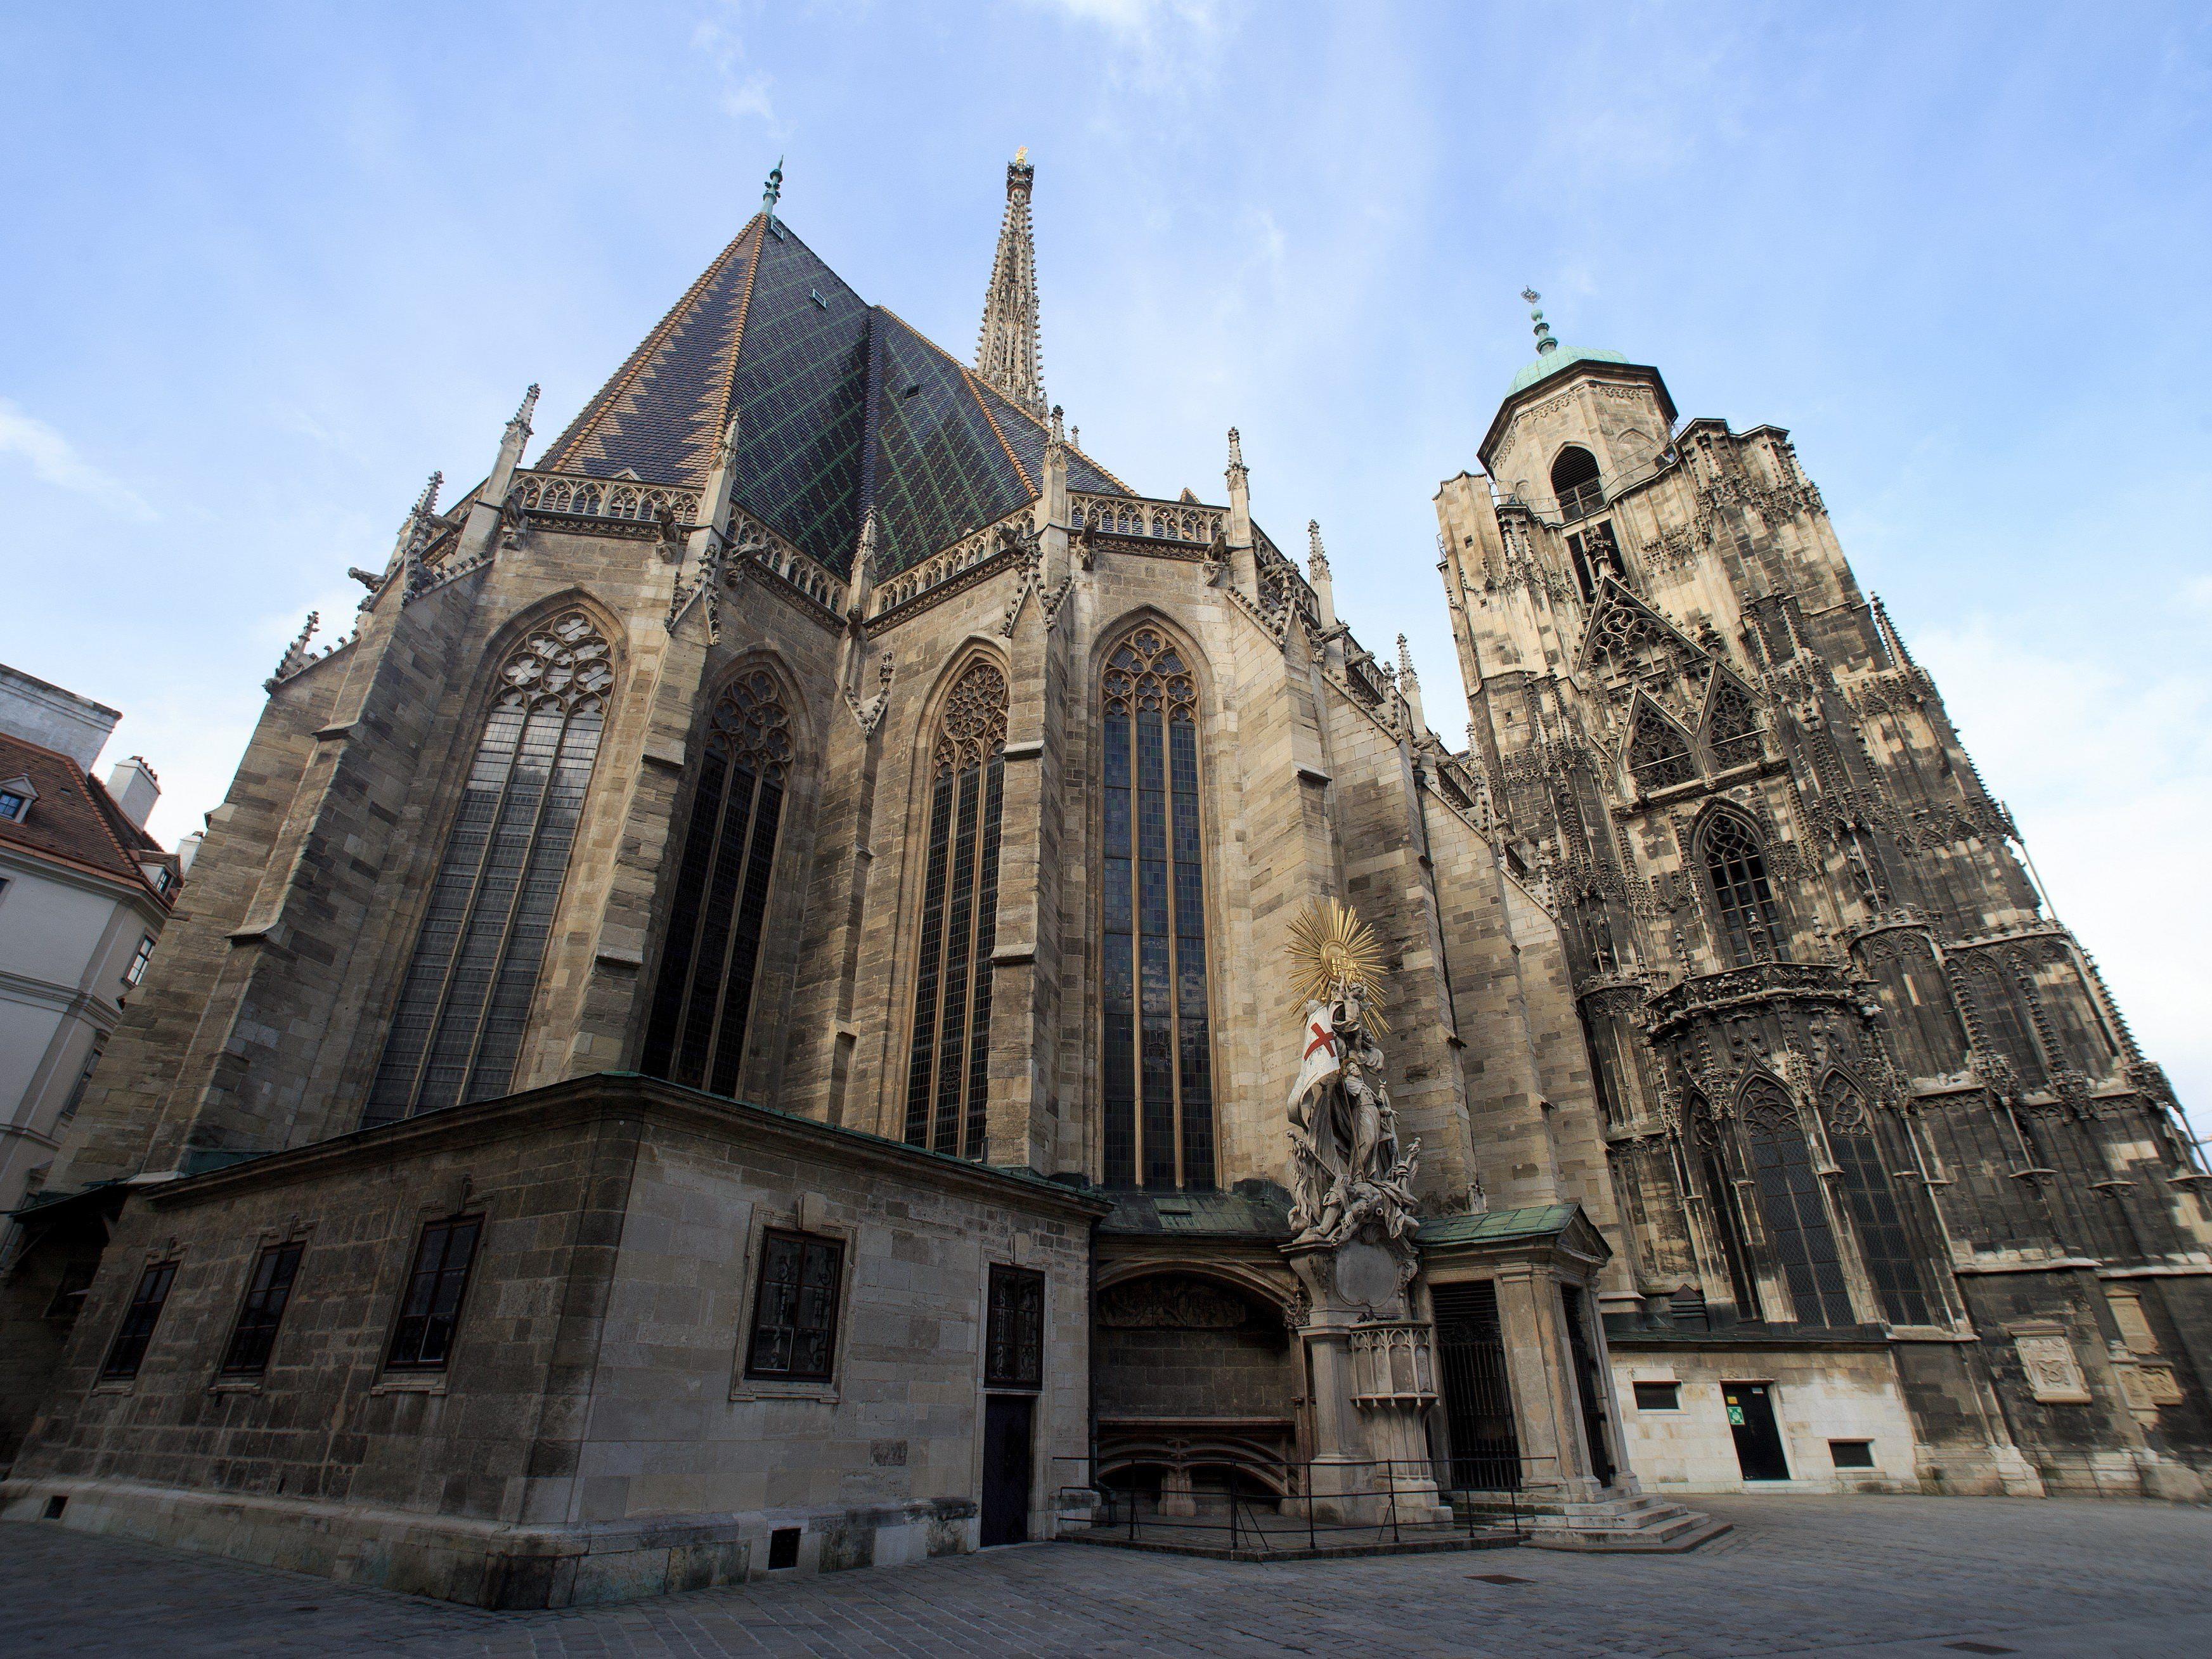 Mittelalterliches Bauwerk erst 1973 wiederentdeckt